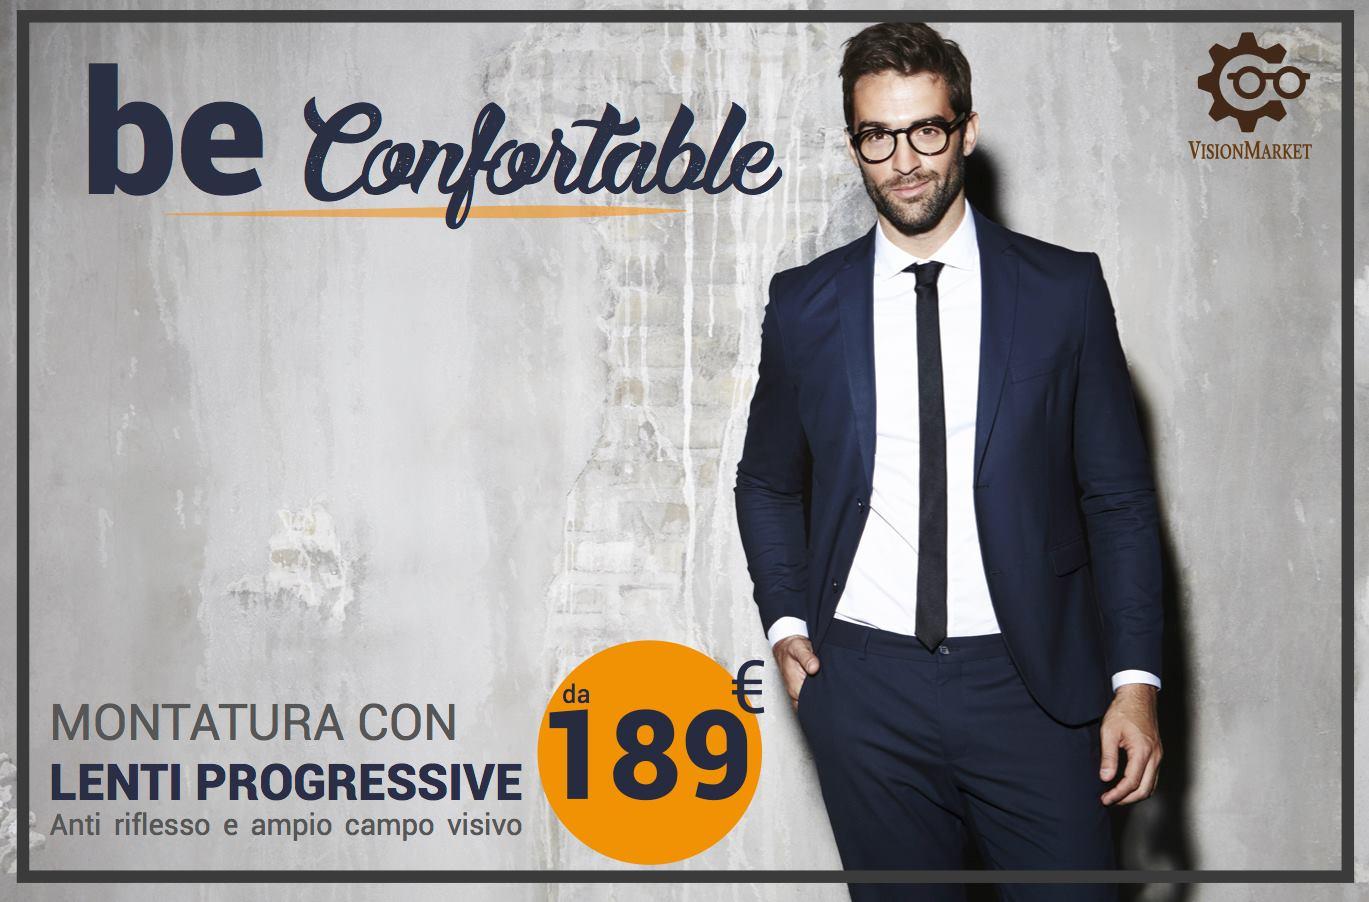 Occhiale completo di Lenti Progressive da € 189,00